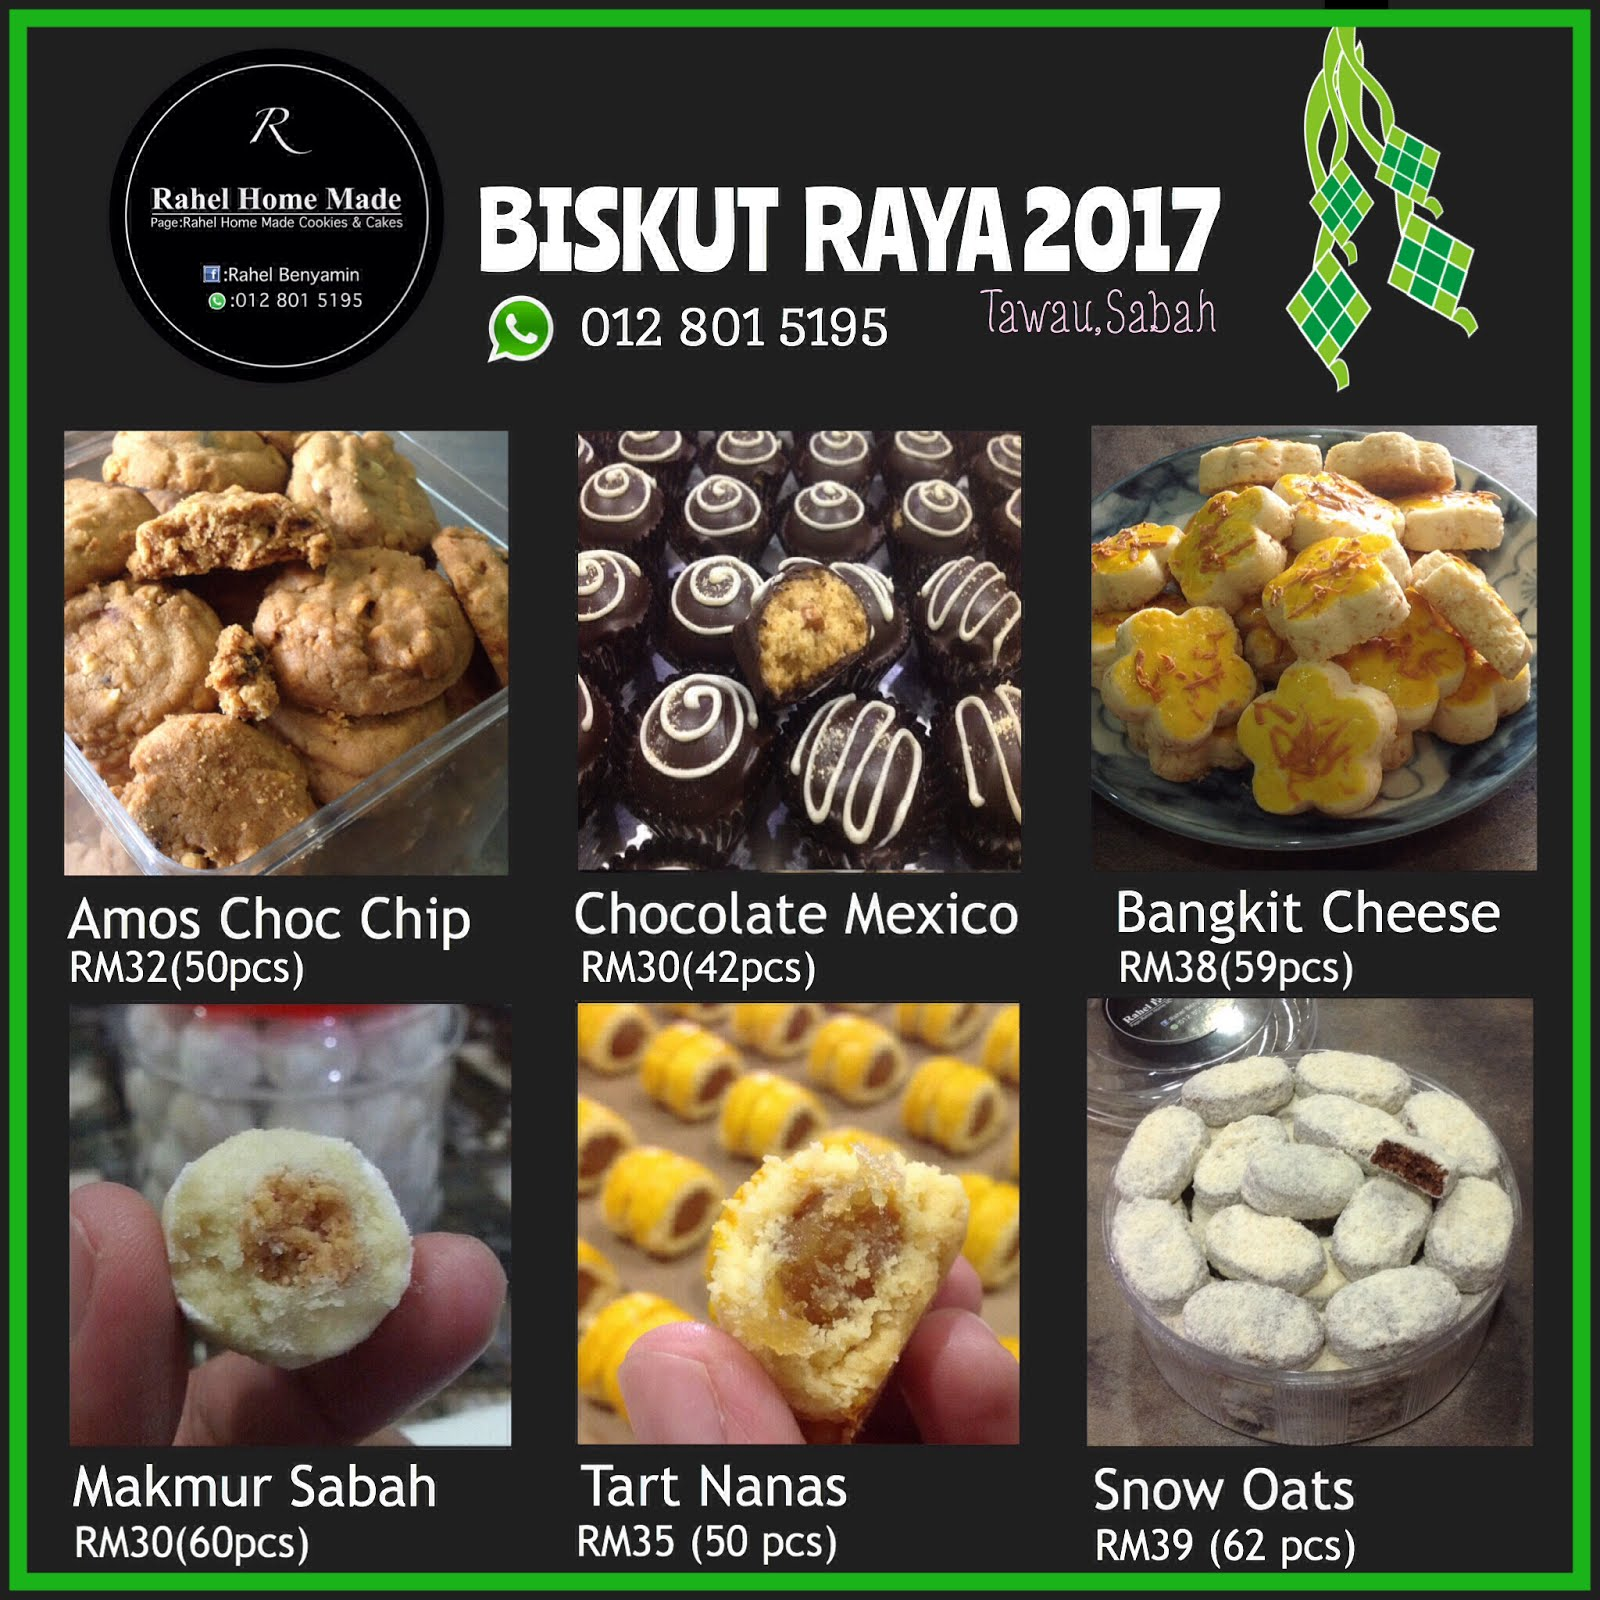 OPEN ORDER BISKUT RAYA 2017